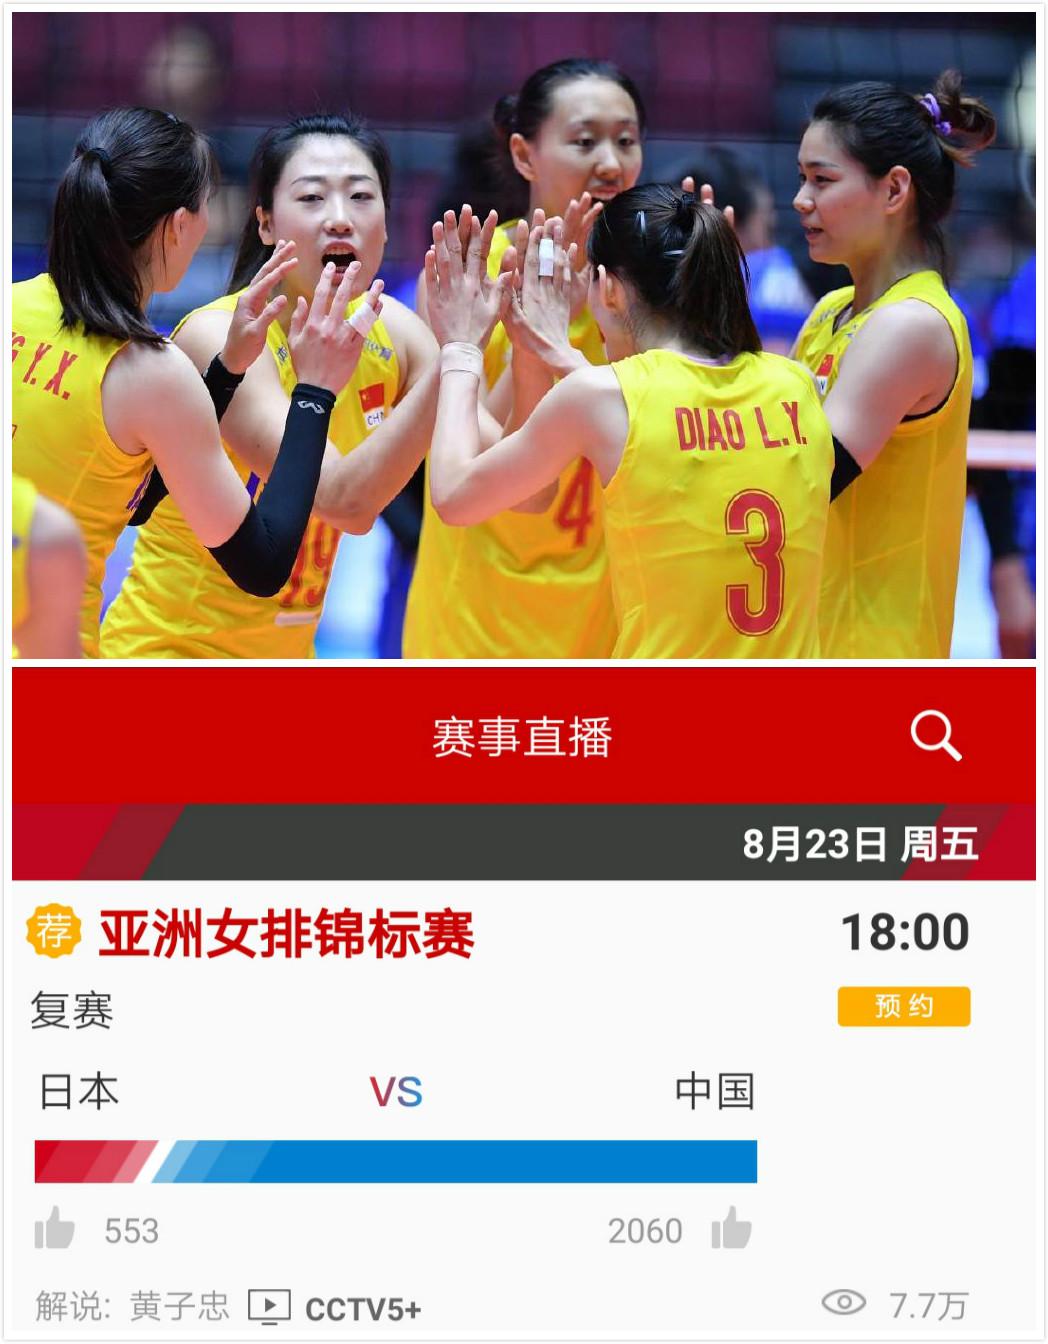 央视CCTV5+直播女排亚锦赛复赛 中国女排迎战日本 名嘴黄子忠教学